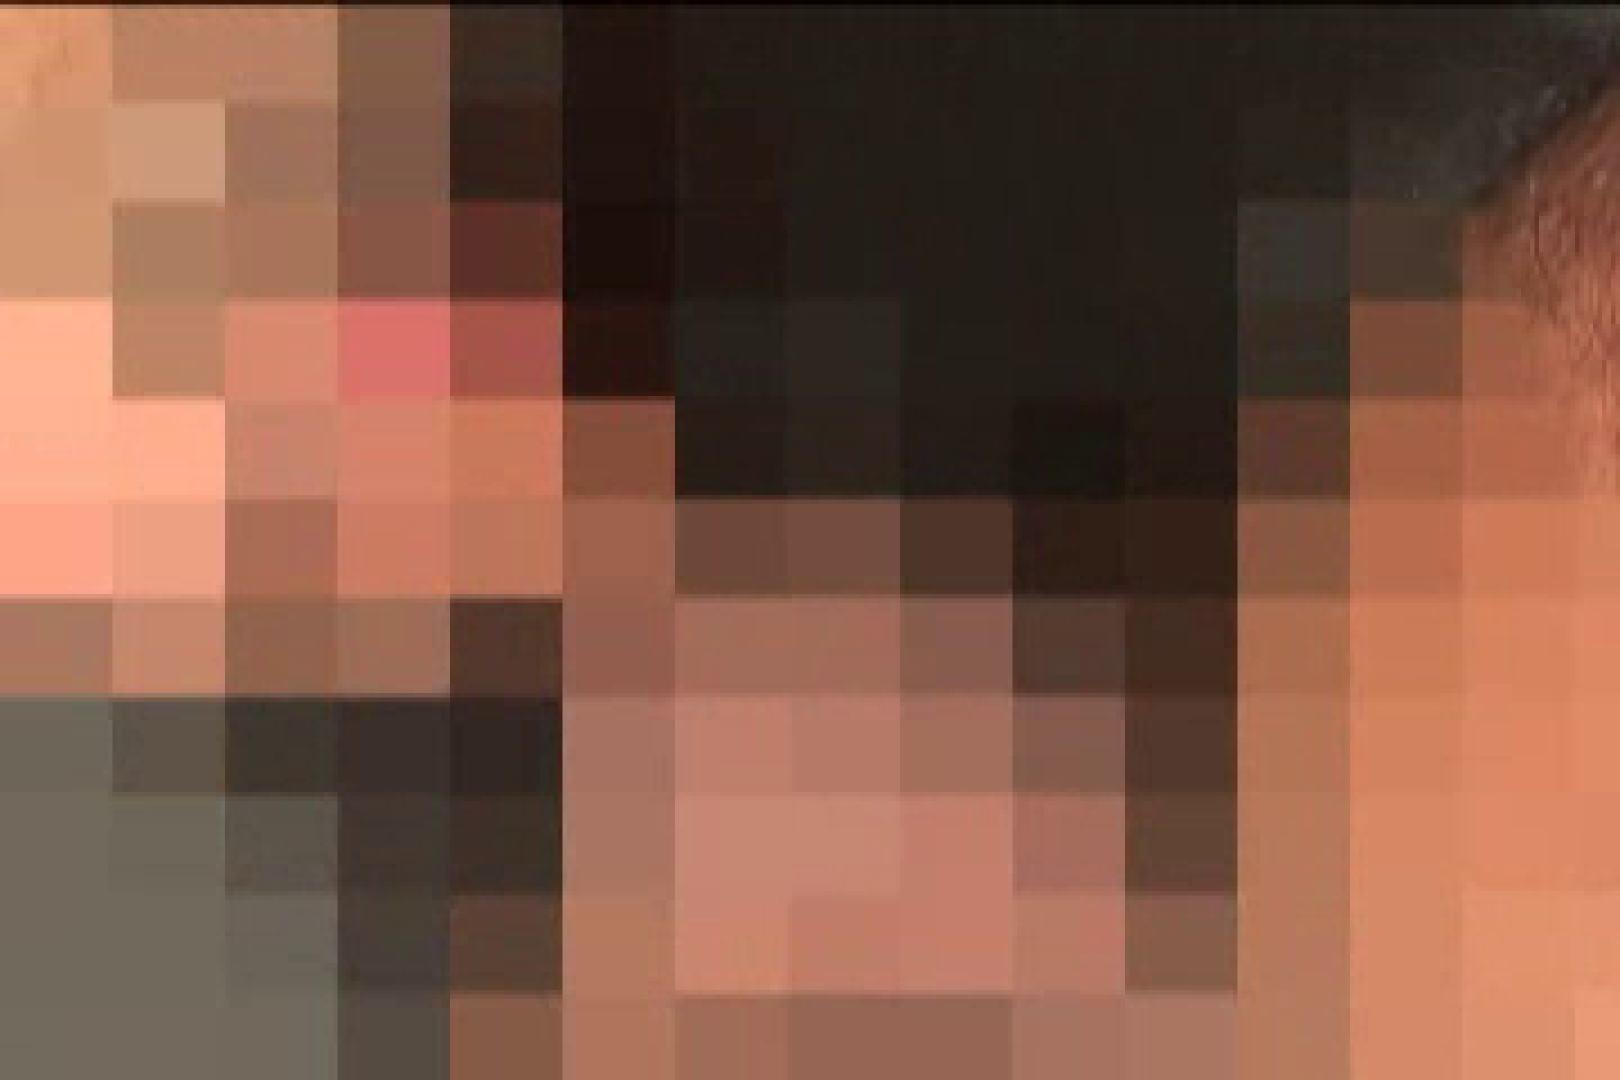 悶絶!!ケツマンFighters!! Part.04 入浴・シャワー丸見え ゲイモロ画像 79pic 57